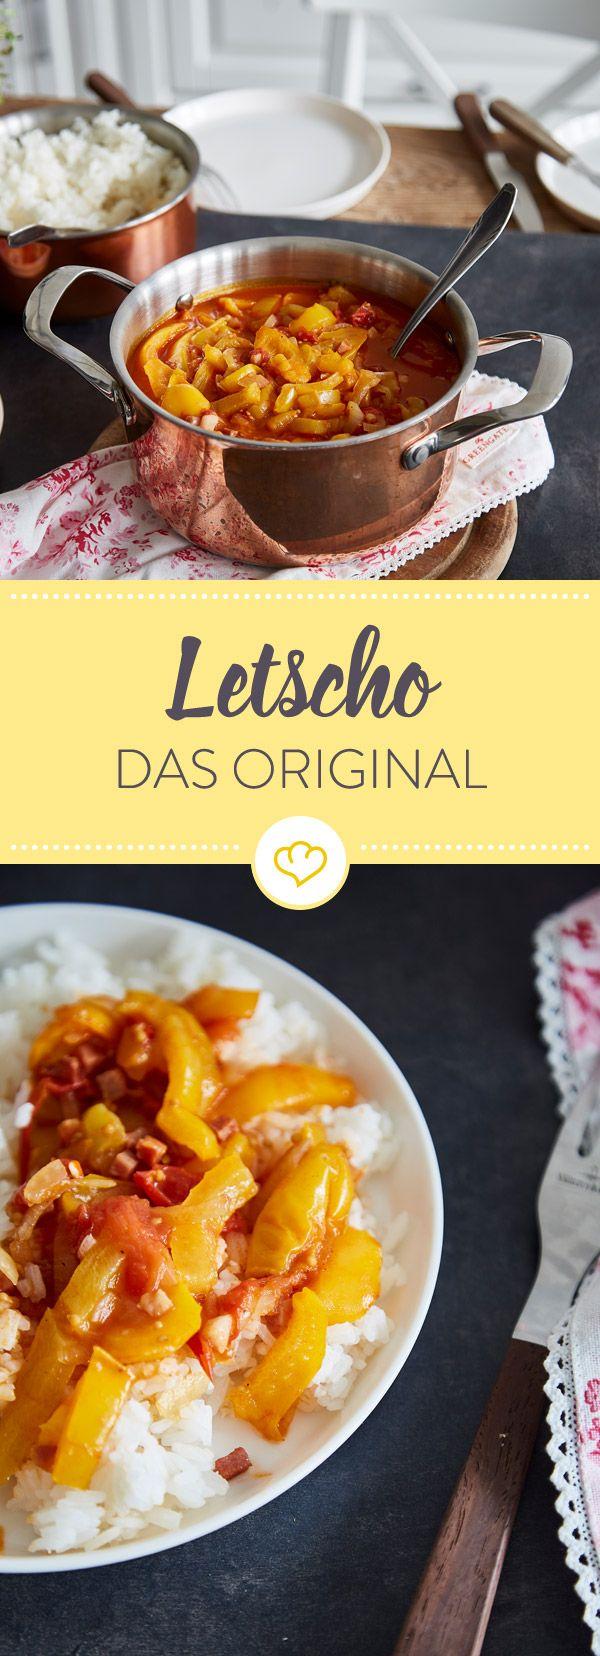 Für dich als Paprika-Fan hat die ungarische Küche einiges zu bieten, wie zum Beispiel Letscho - ein Schmorgericht aus Paprika, Tomaten, Zwiebeln und Speck.